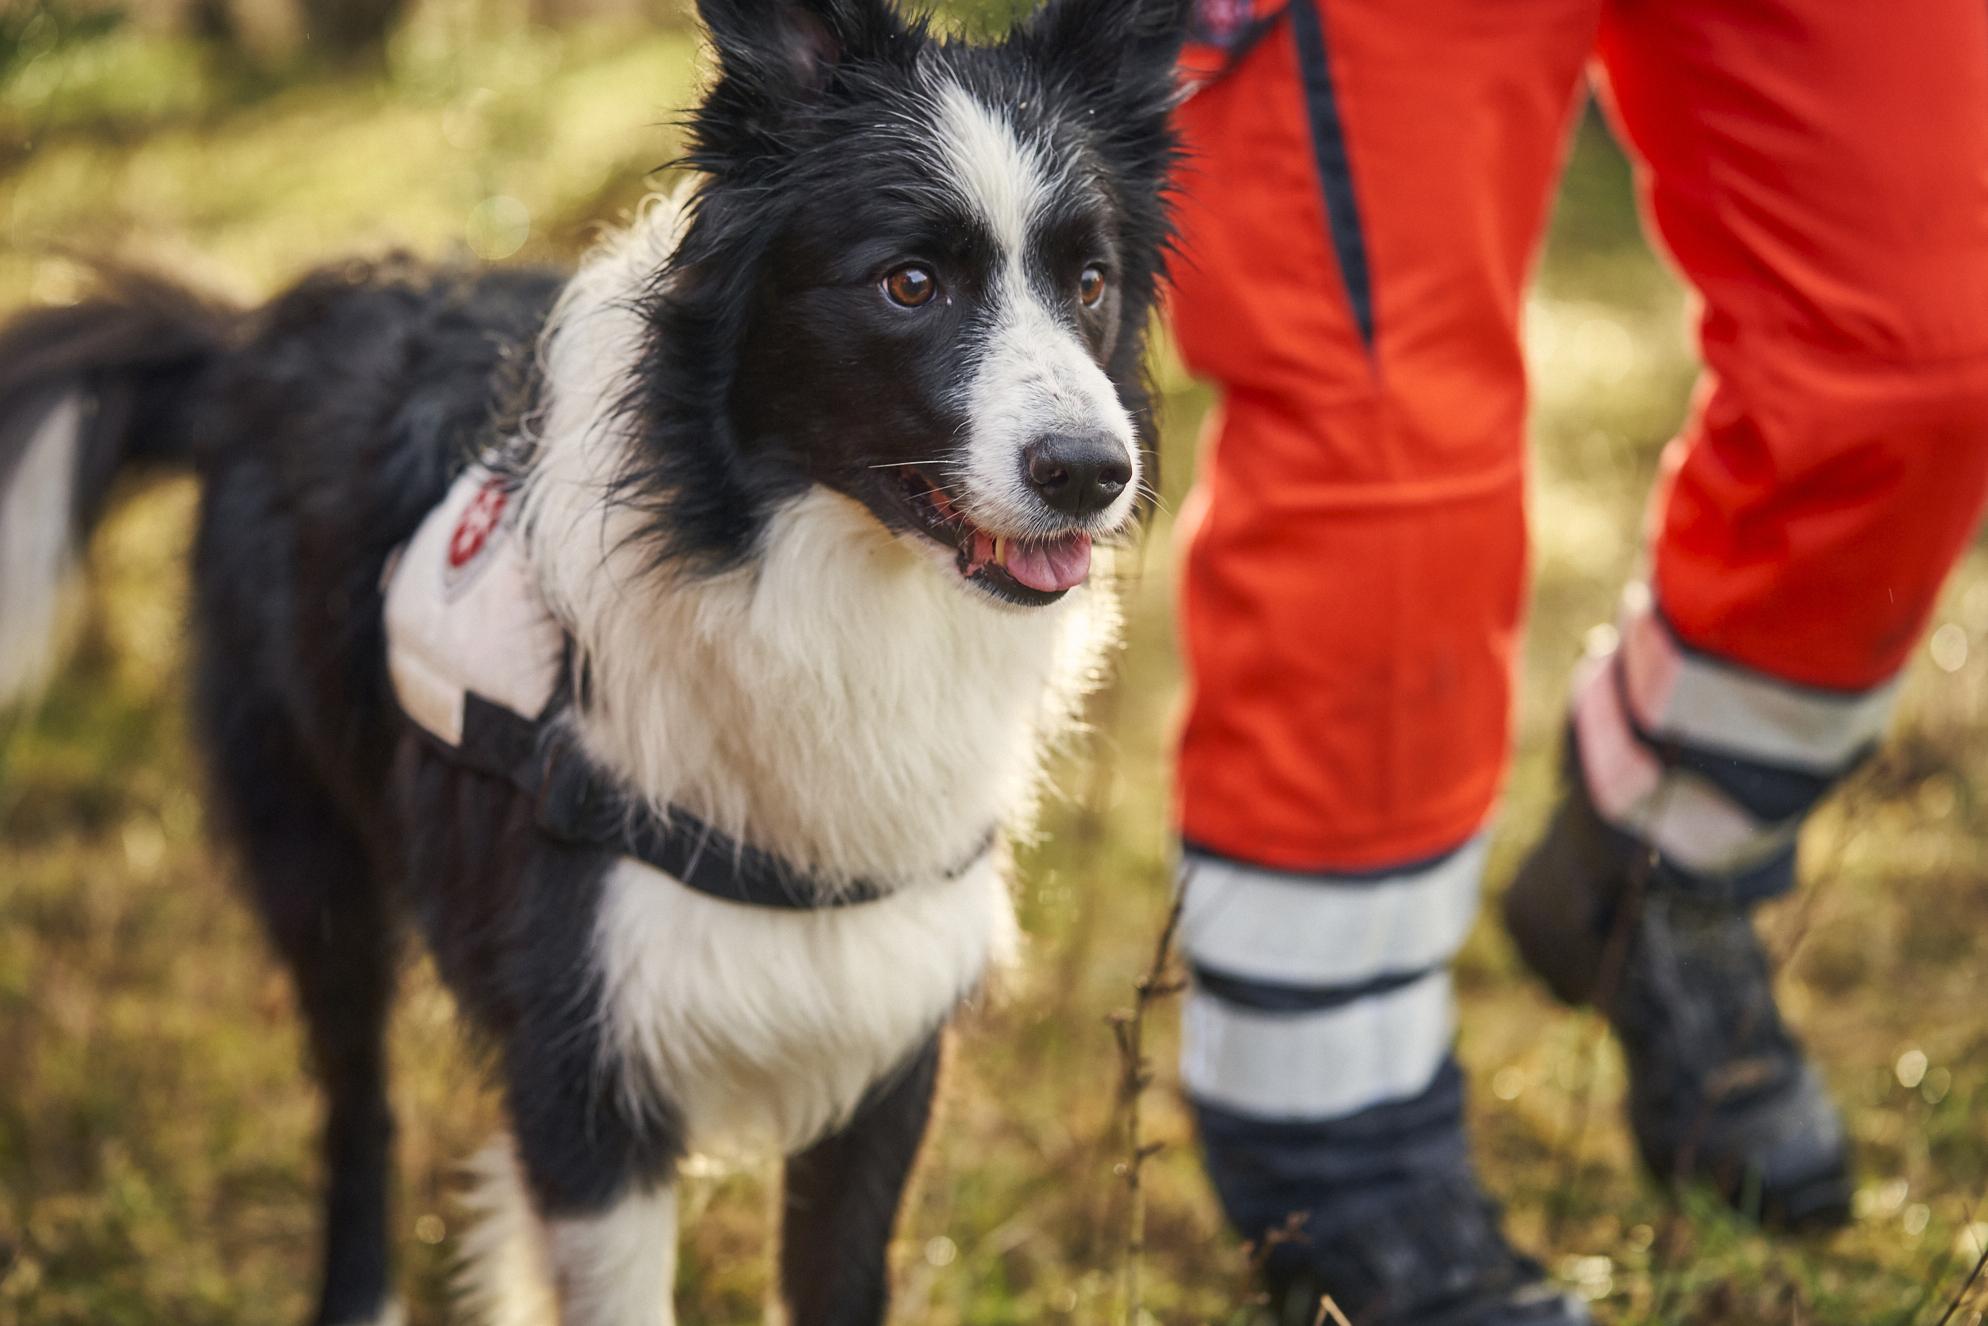 Rettungshund der Rettungshundestaffel läuft neben seinem Hundeführer